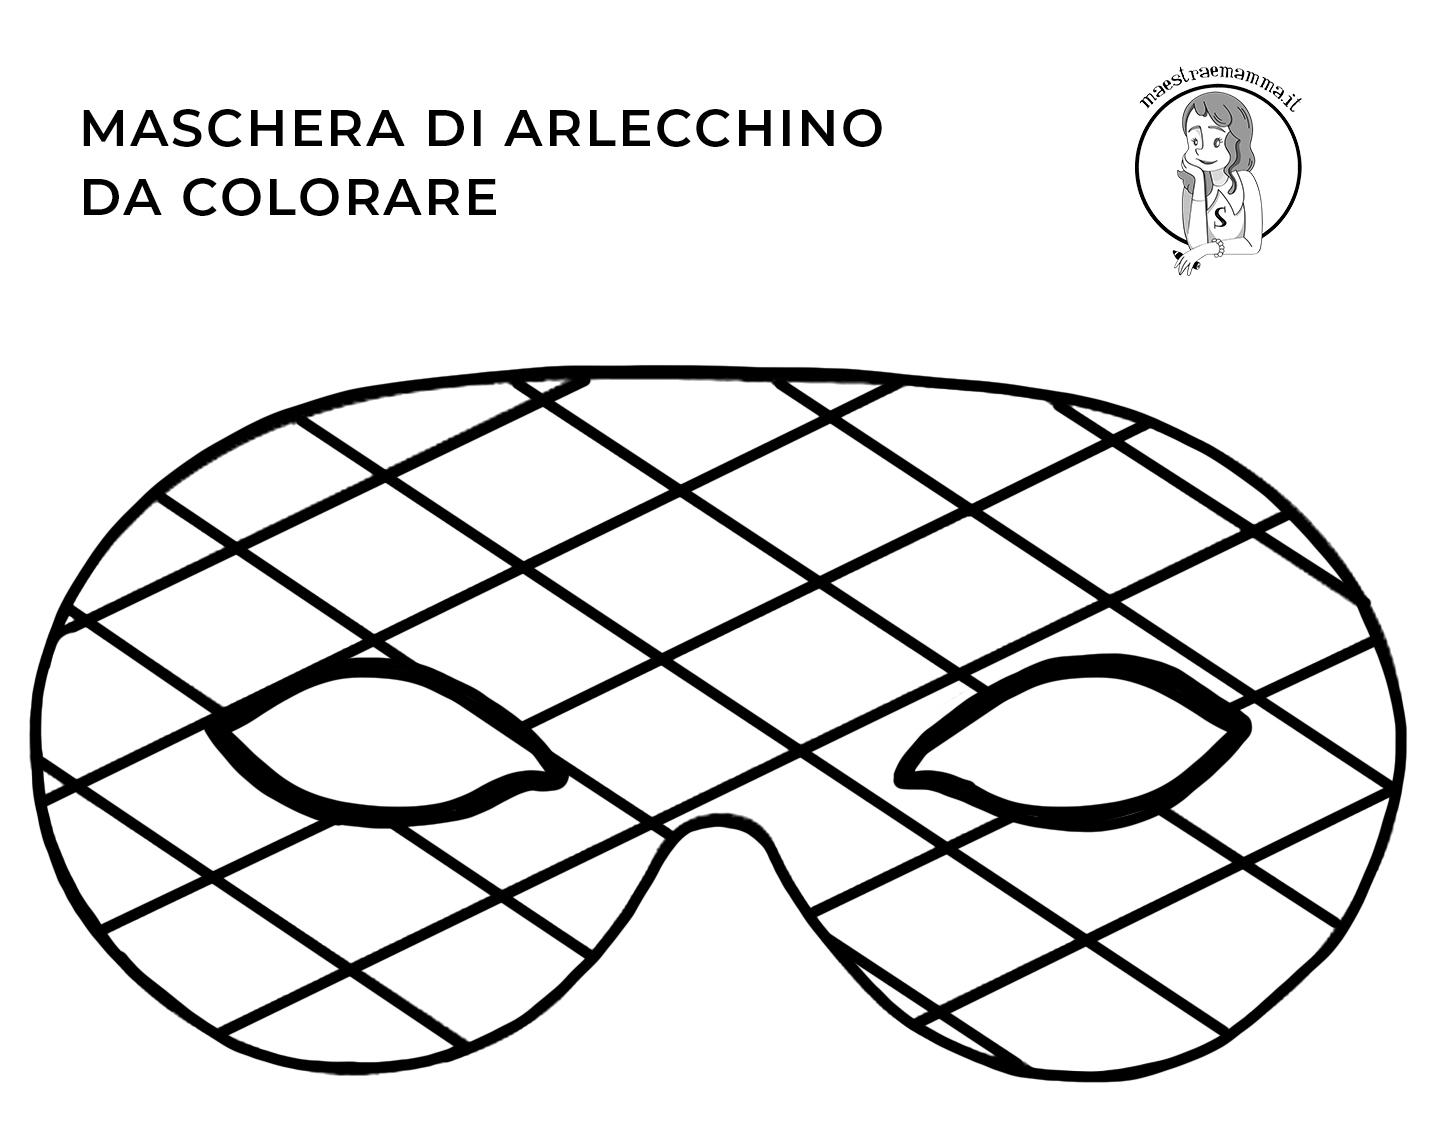 arlecchino-Maschere di Carnevale da colorare e ritagliare